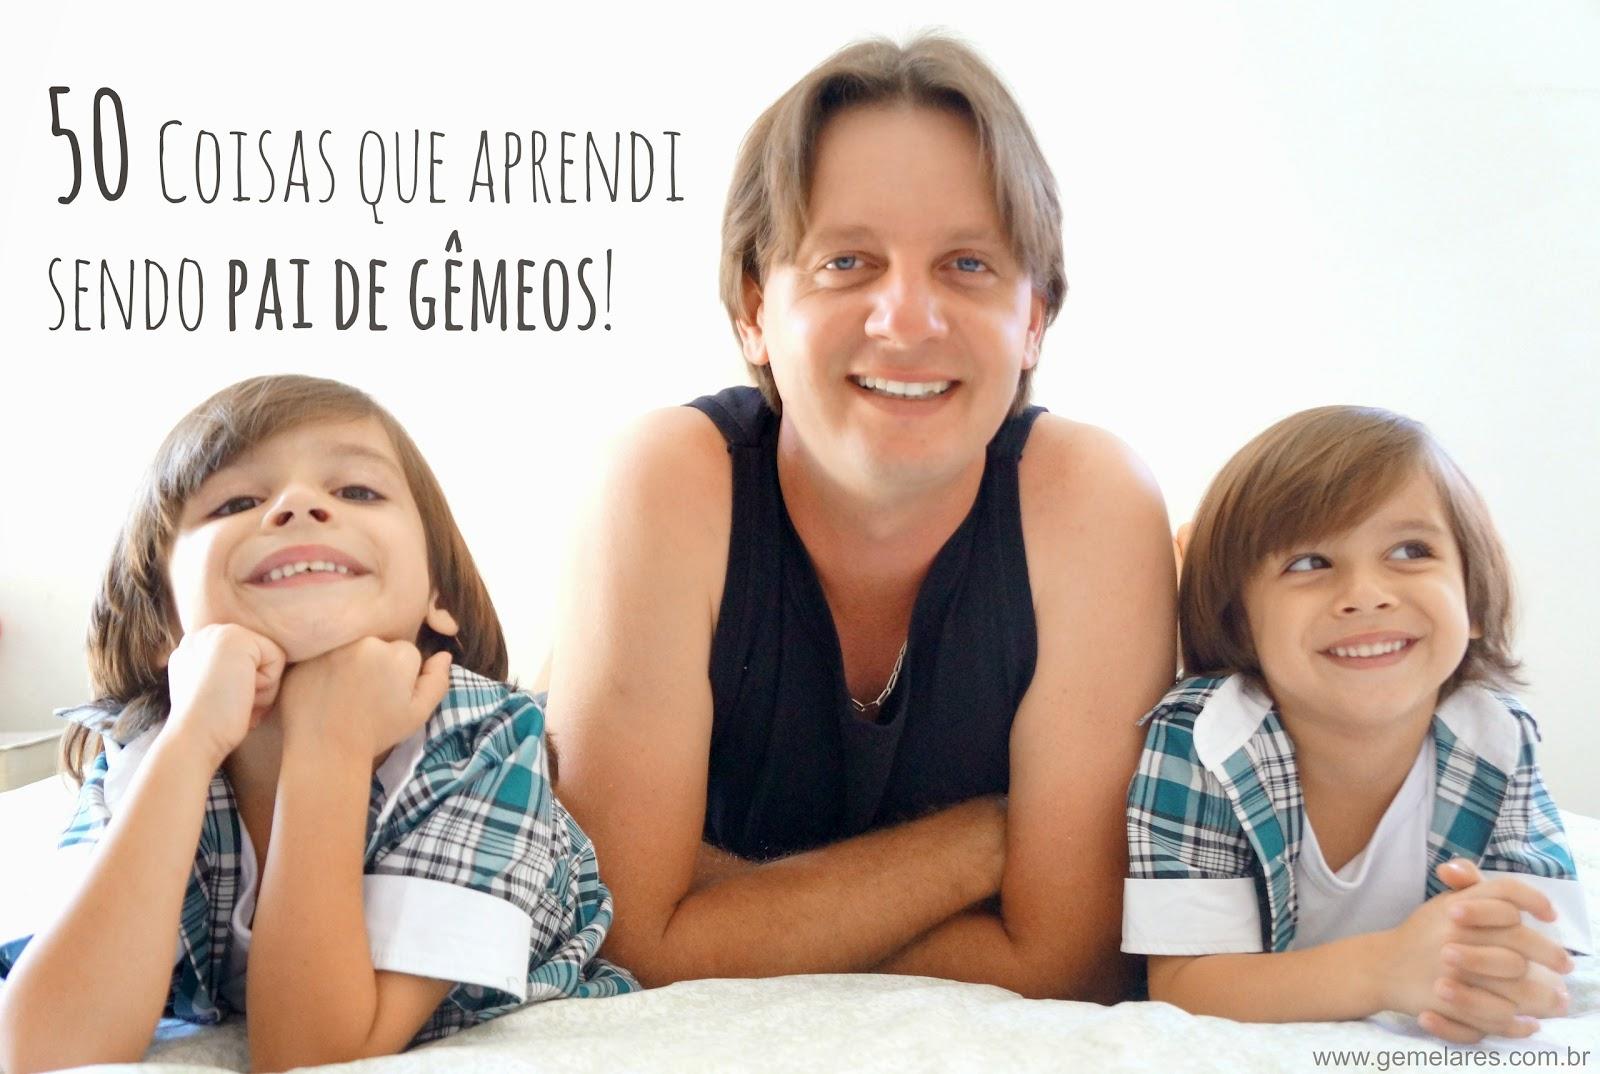 50 Coisas que aprendi sendo pai de gêmeos